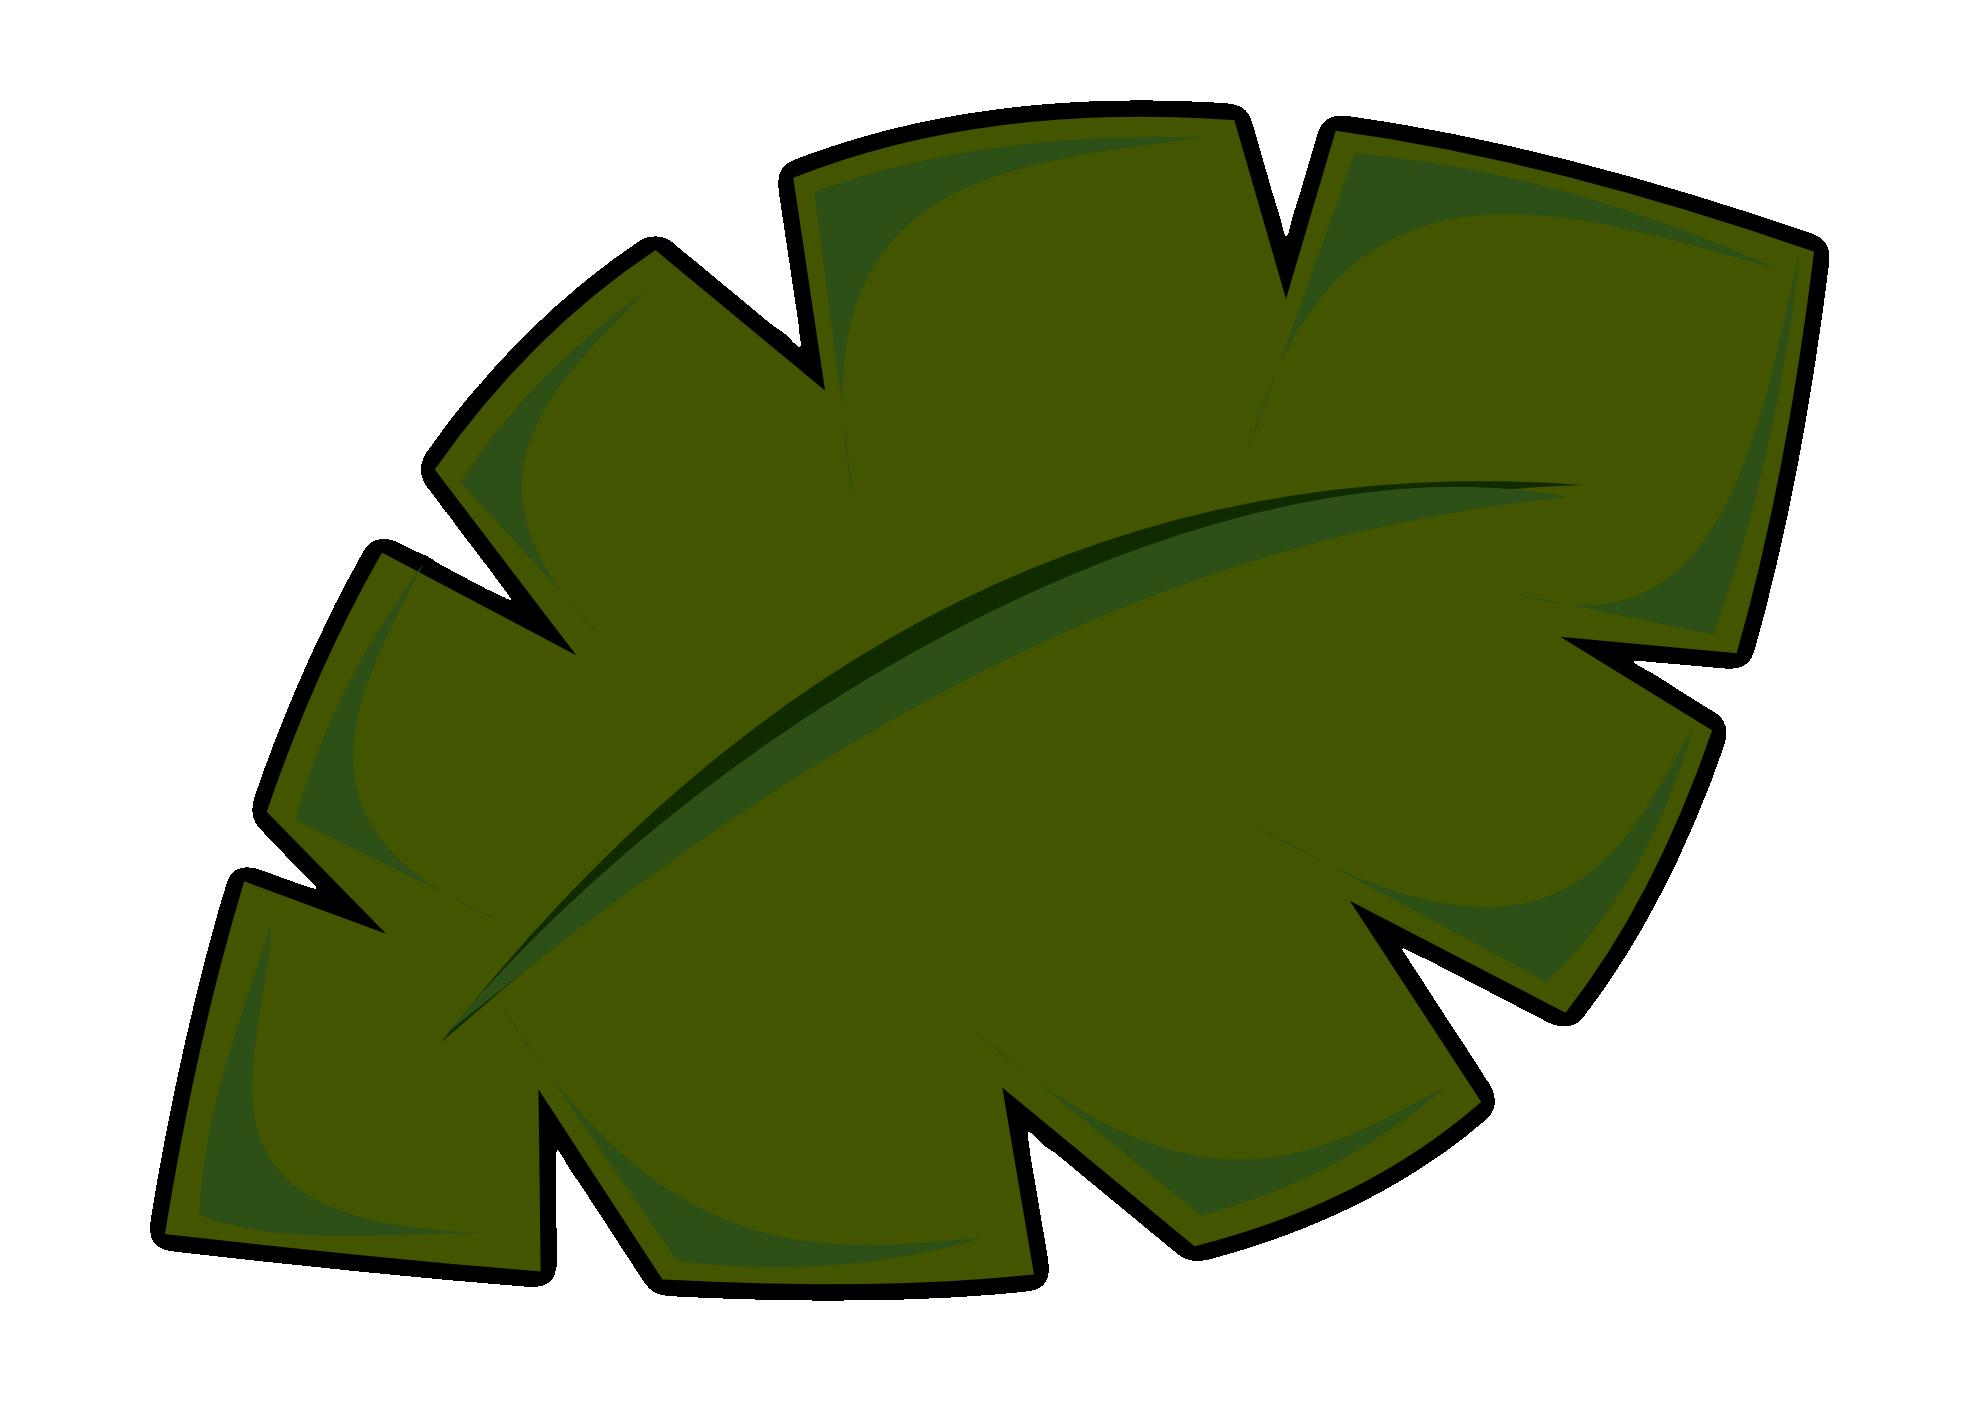 jungle leaf template school pinterest leaf template leaves